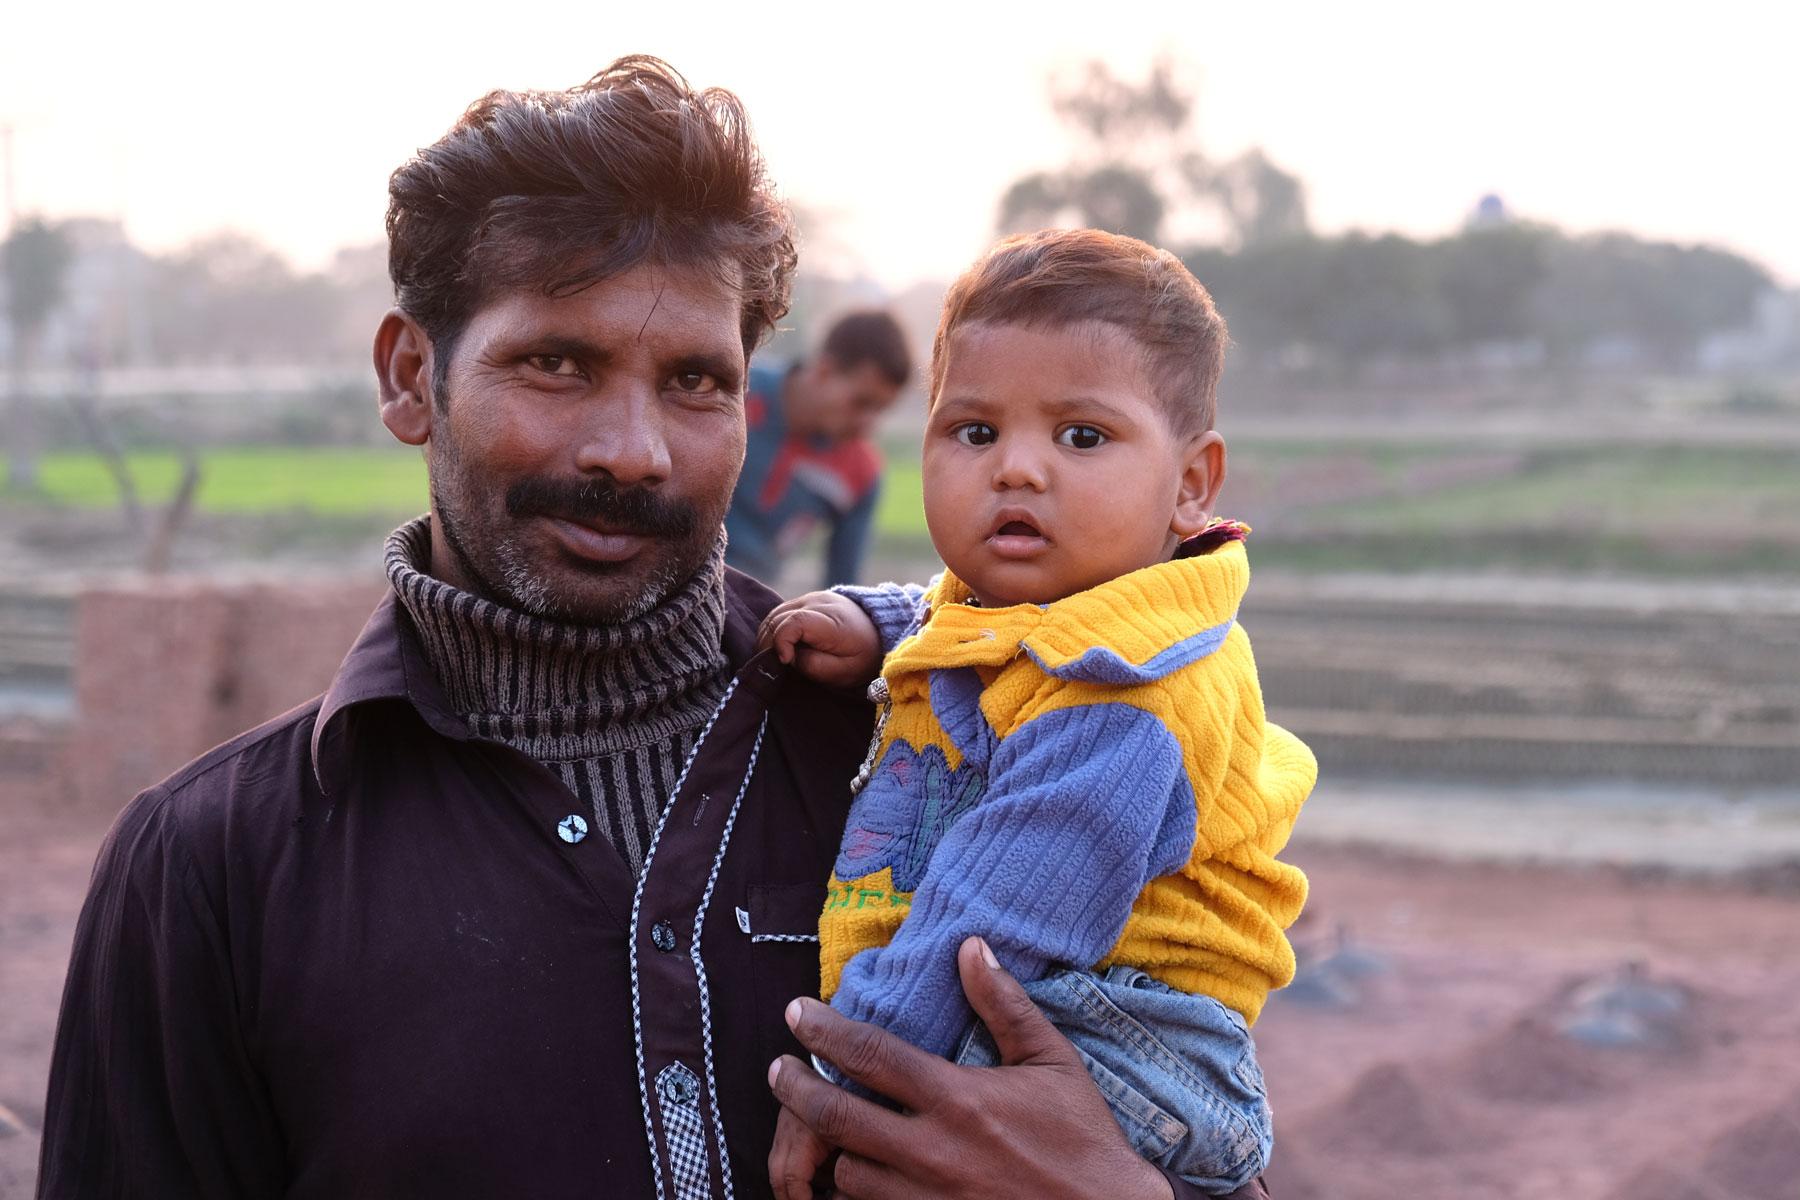 Die Fabrikarbeiter führen ein einfaches Leben und wohnen mit ihren Familien direkt neben der Brennerei